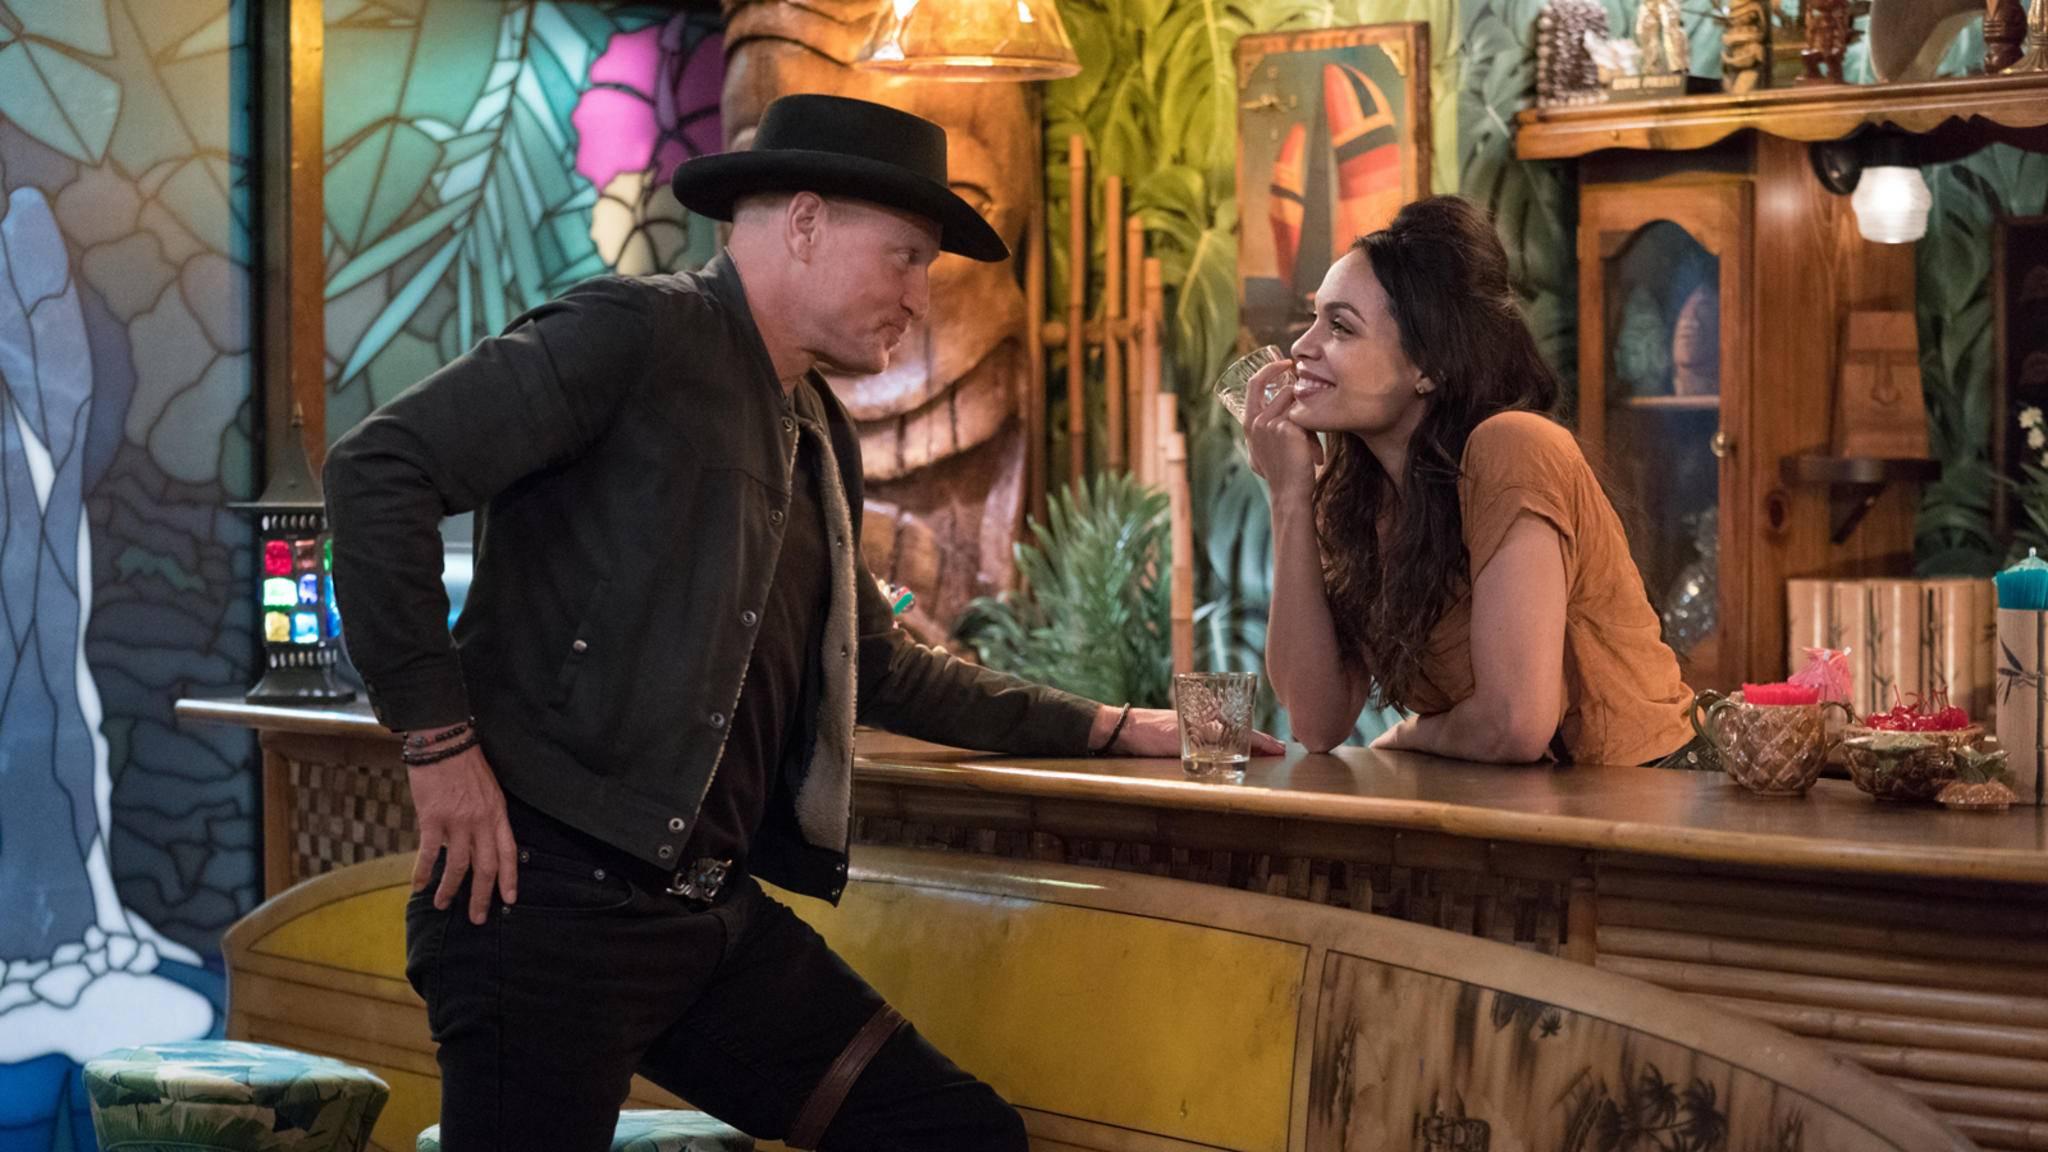 Woody Harrelson als Tallahassee und Rosario Dawson als Nevada in Zombieland 2